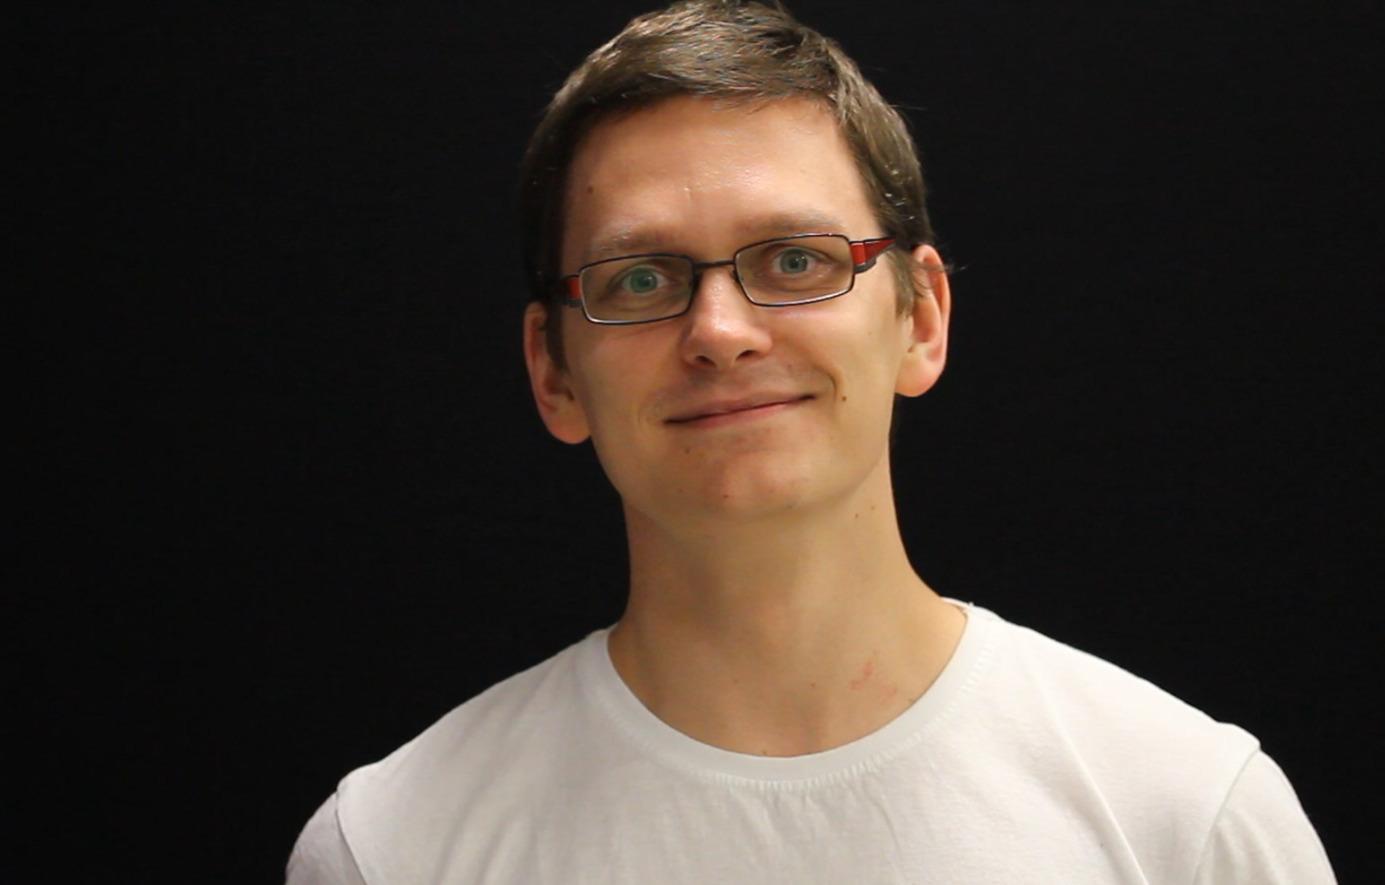 Mirek Morawski